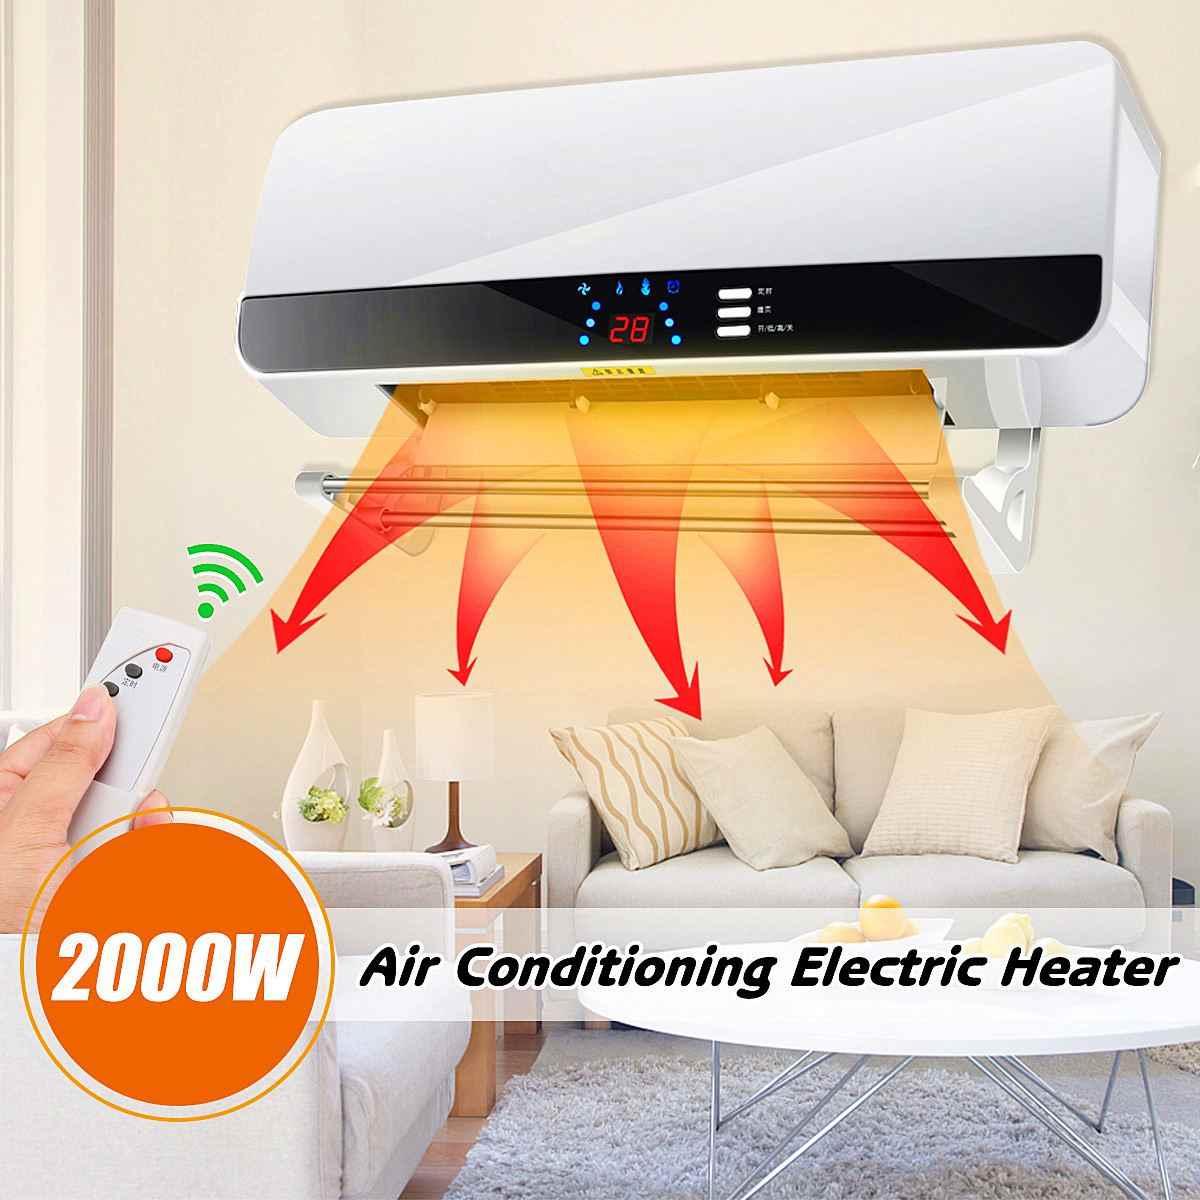 Climatiseur électrique mural, affichage de LED, ventilateur de chauffage électrique, minuterie domestique à télécommande, étanche, chauffe-équipement 3 vitesses, 220V